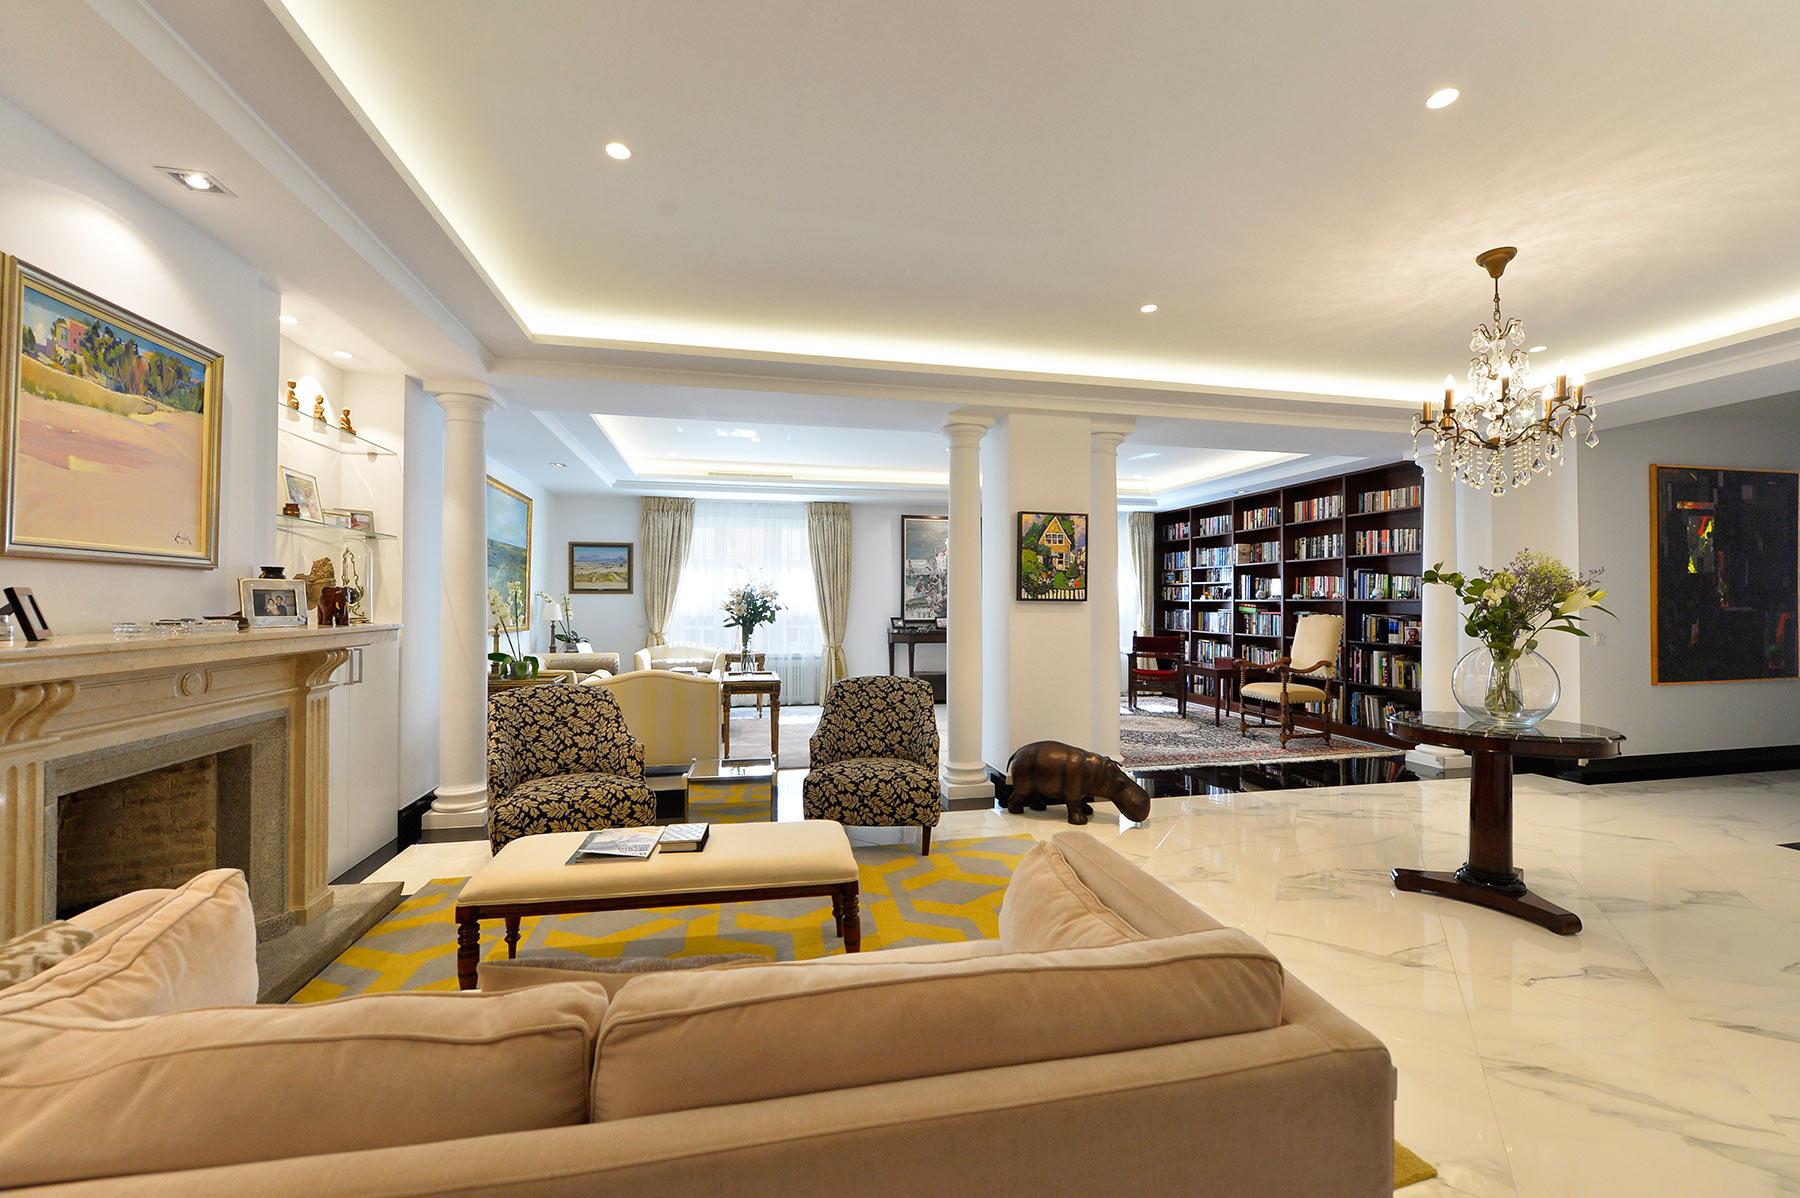 Casa Unifamiliar por un Venta en Espectacular piso de 500 metros Nuñez de Balboa Madrid, Madrid, 28001 España